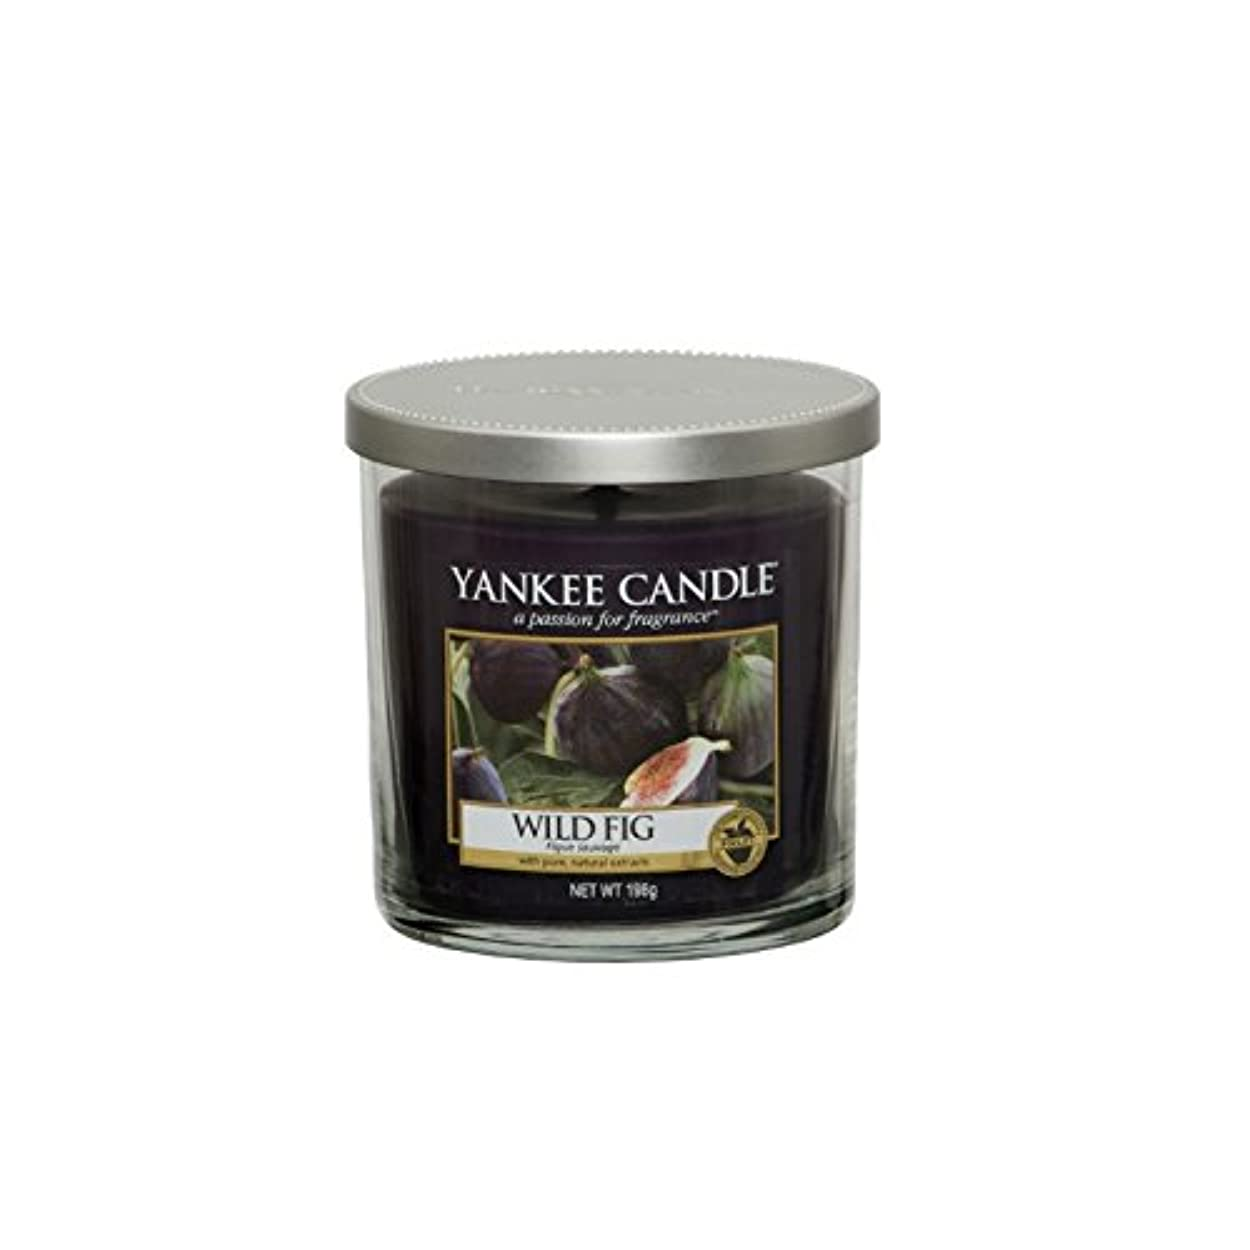 ブレスユーモア洋服Yankee Candles Small Pillar Candle - Wild Fig (Pack of 2) - ヤンキーキャンドルの小さな柱キャンドル - 野生のイチジク (x2) [並行輸入品]